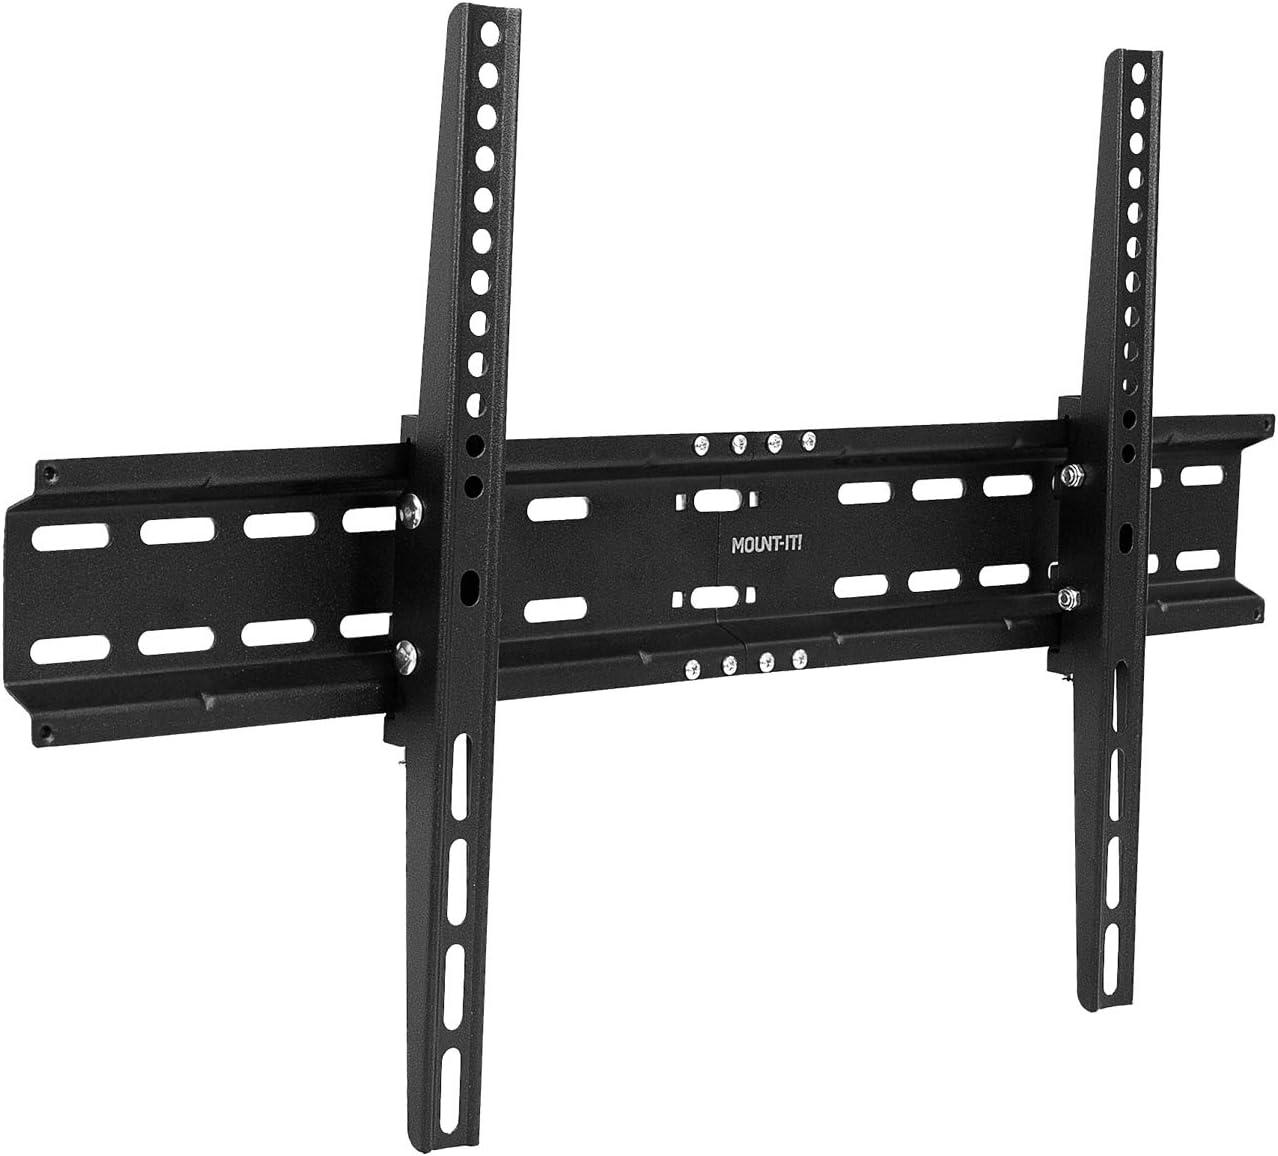 Mount-It TV Wall Mount Bracket Design Outstanding Low Profile 2